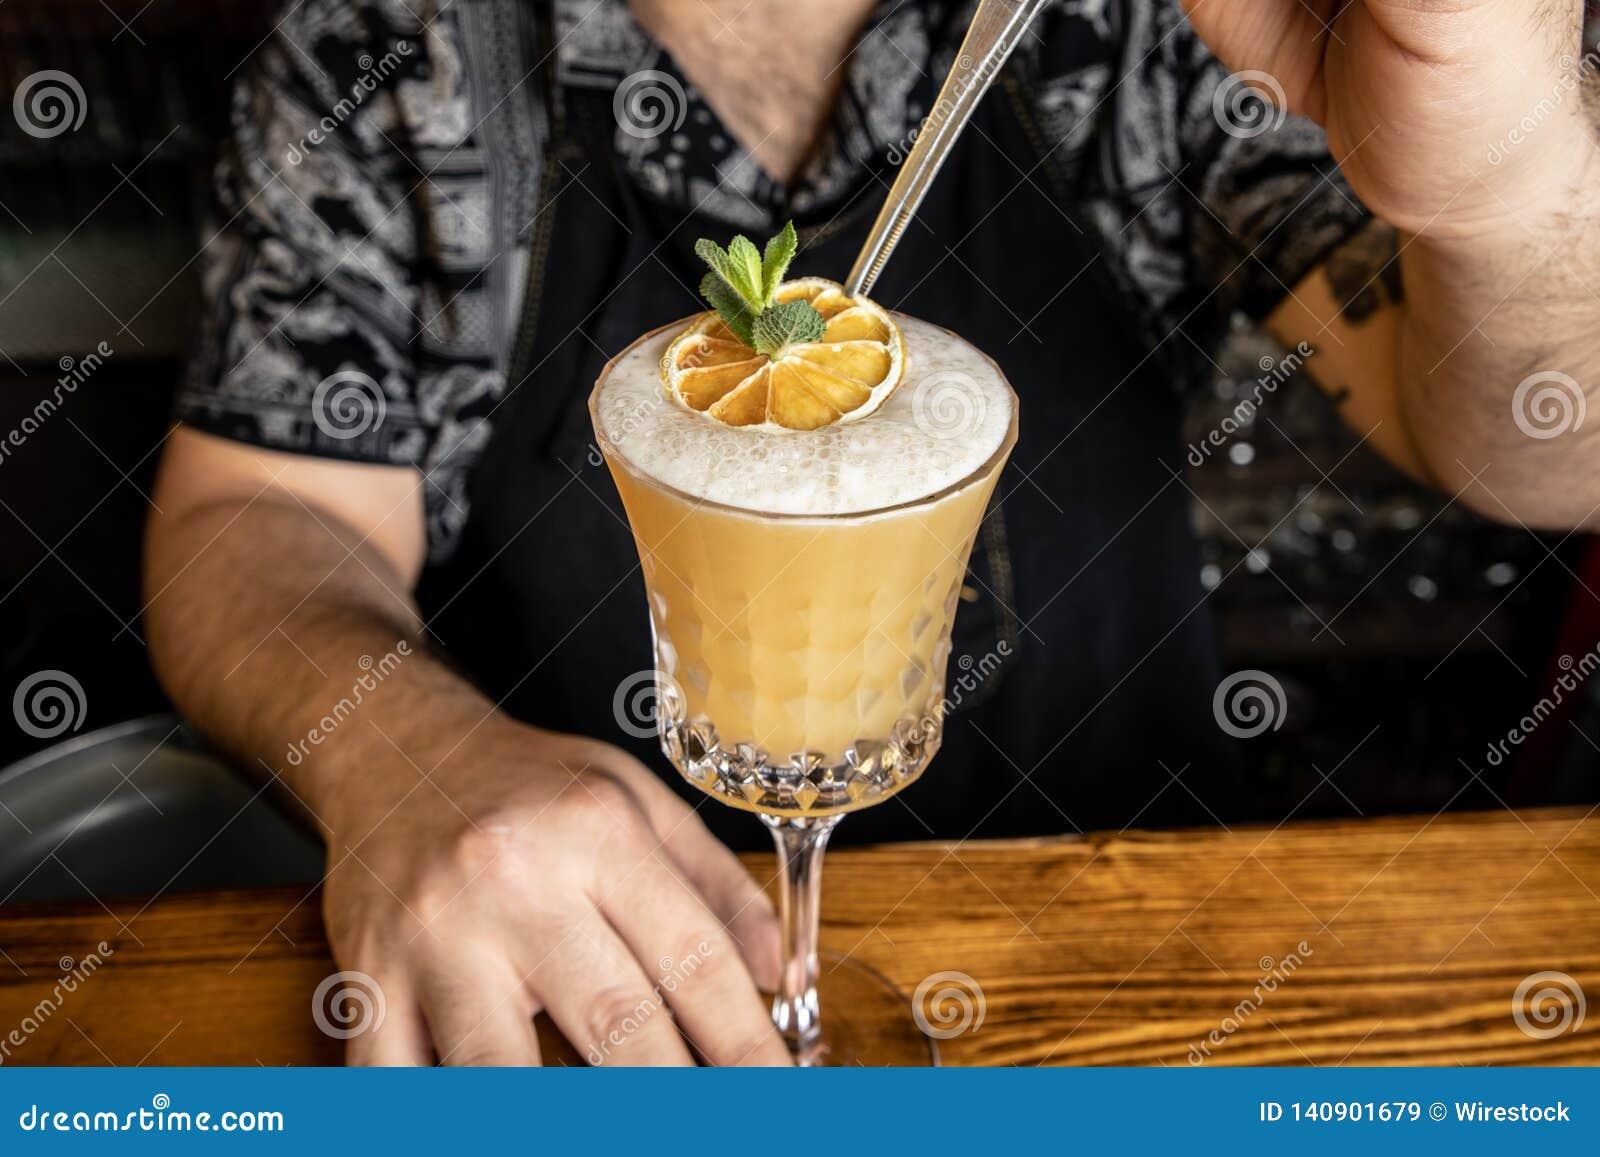 Camarero con un cóctel